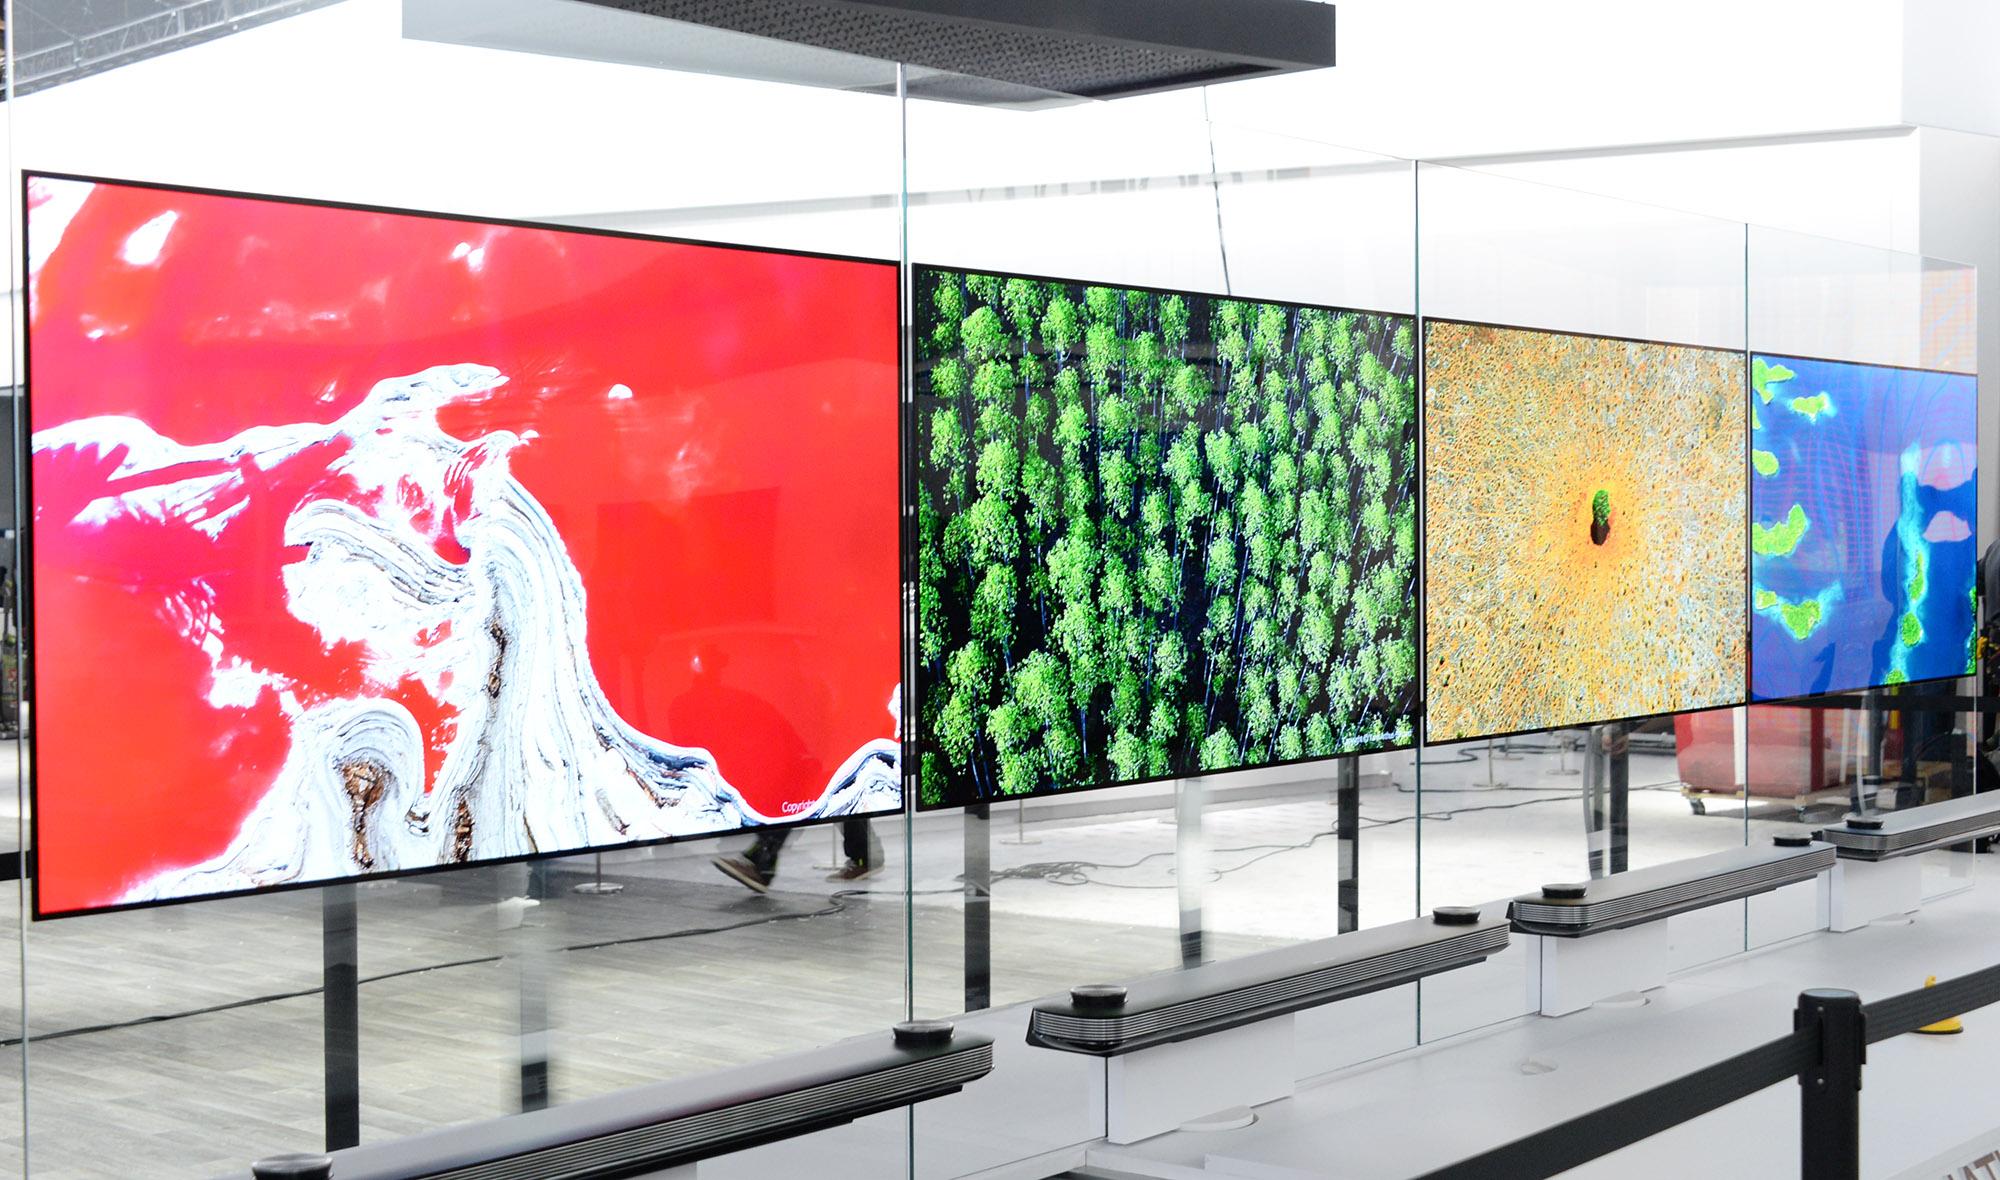 Najlepsze telewizory świata po liftingu, czyli nowe OLED TV od LG